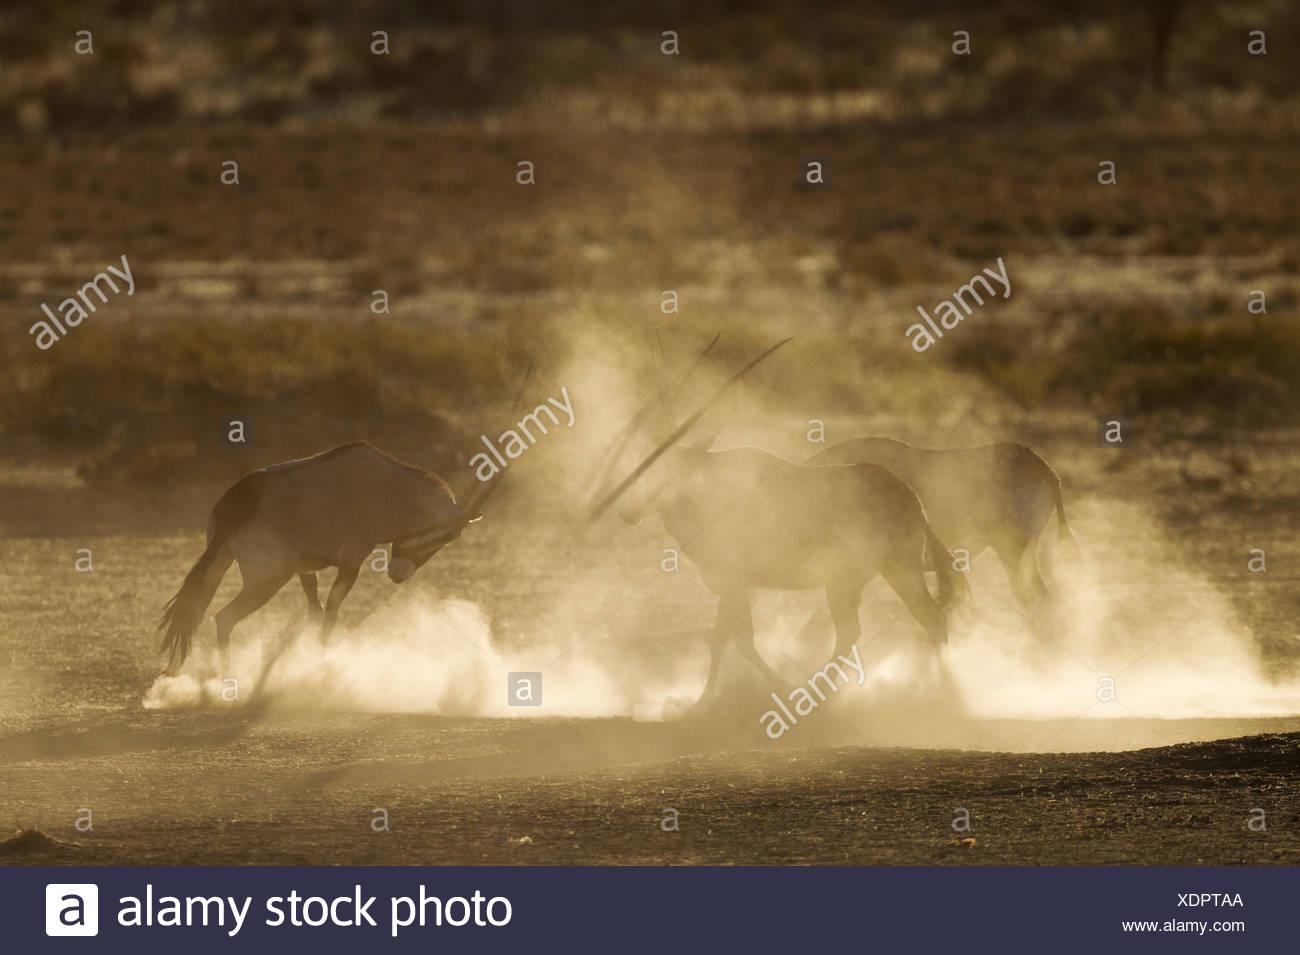 Oryx (Oryx gazella), nerveux et d'élever beaucoup de poussière en début de matinée, désert du Kalahari, kgalagadi transfrontier park Photo Stock